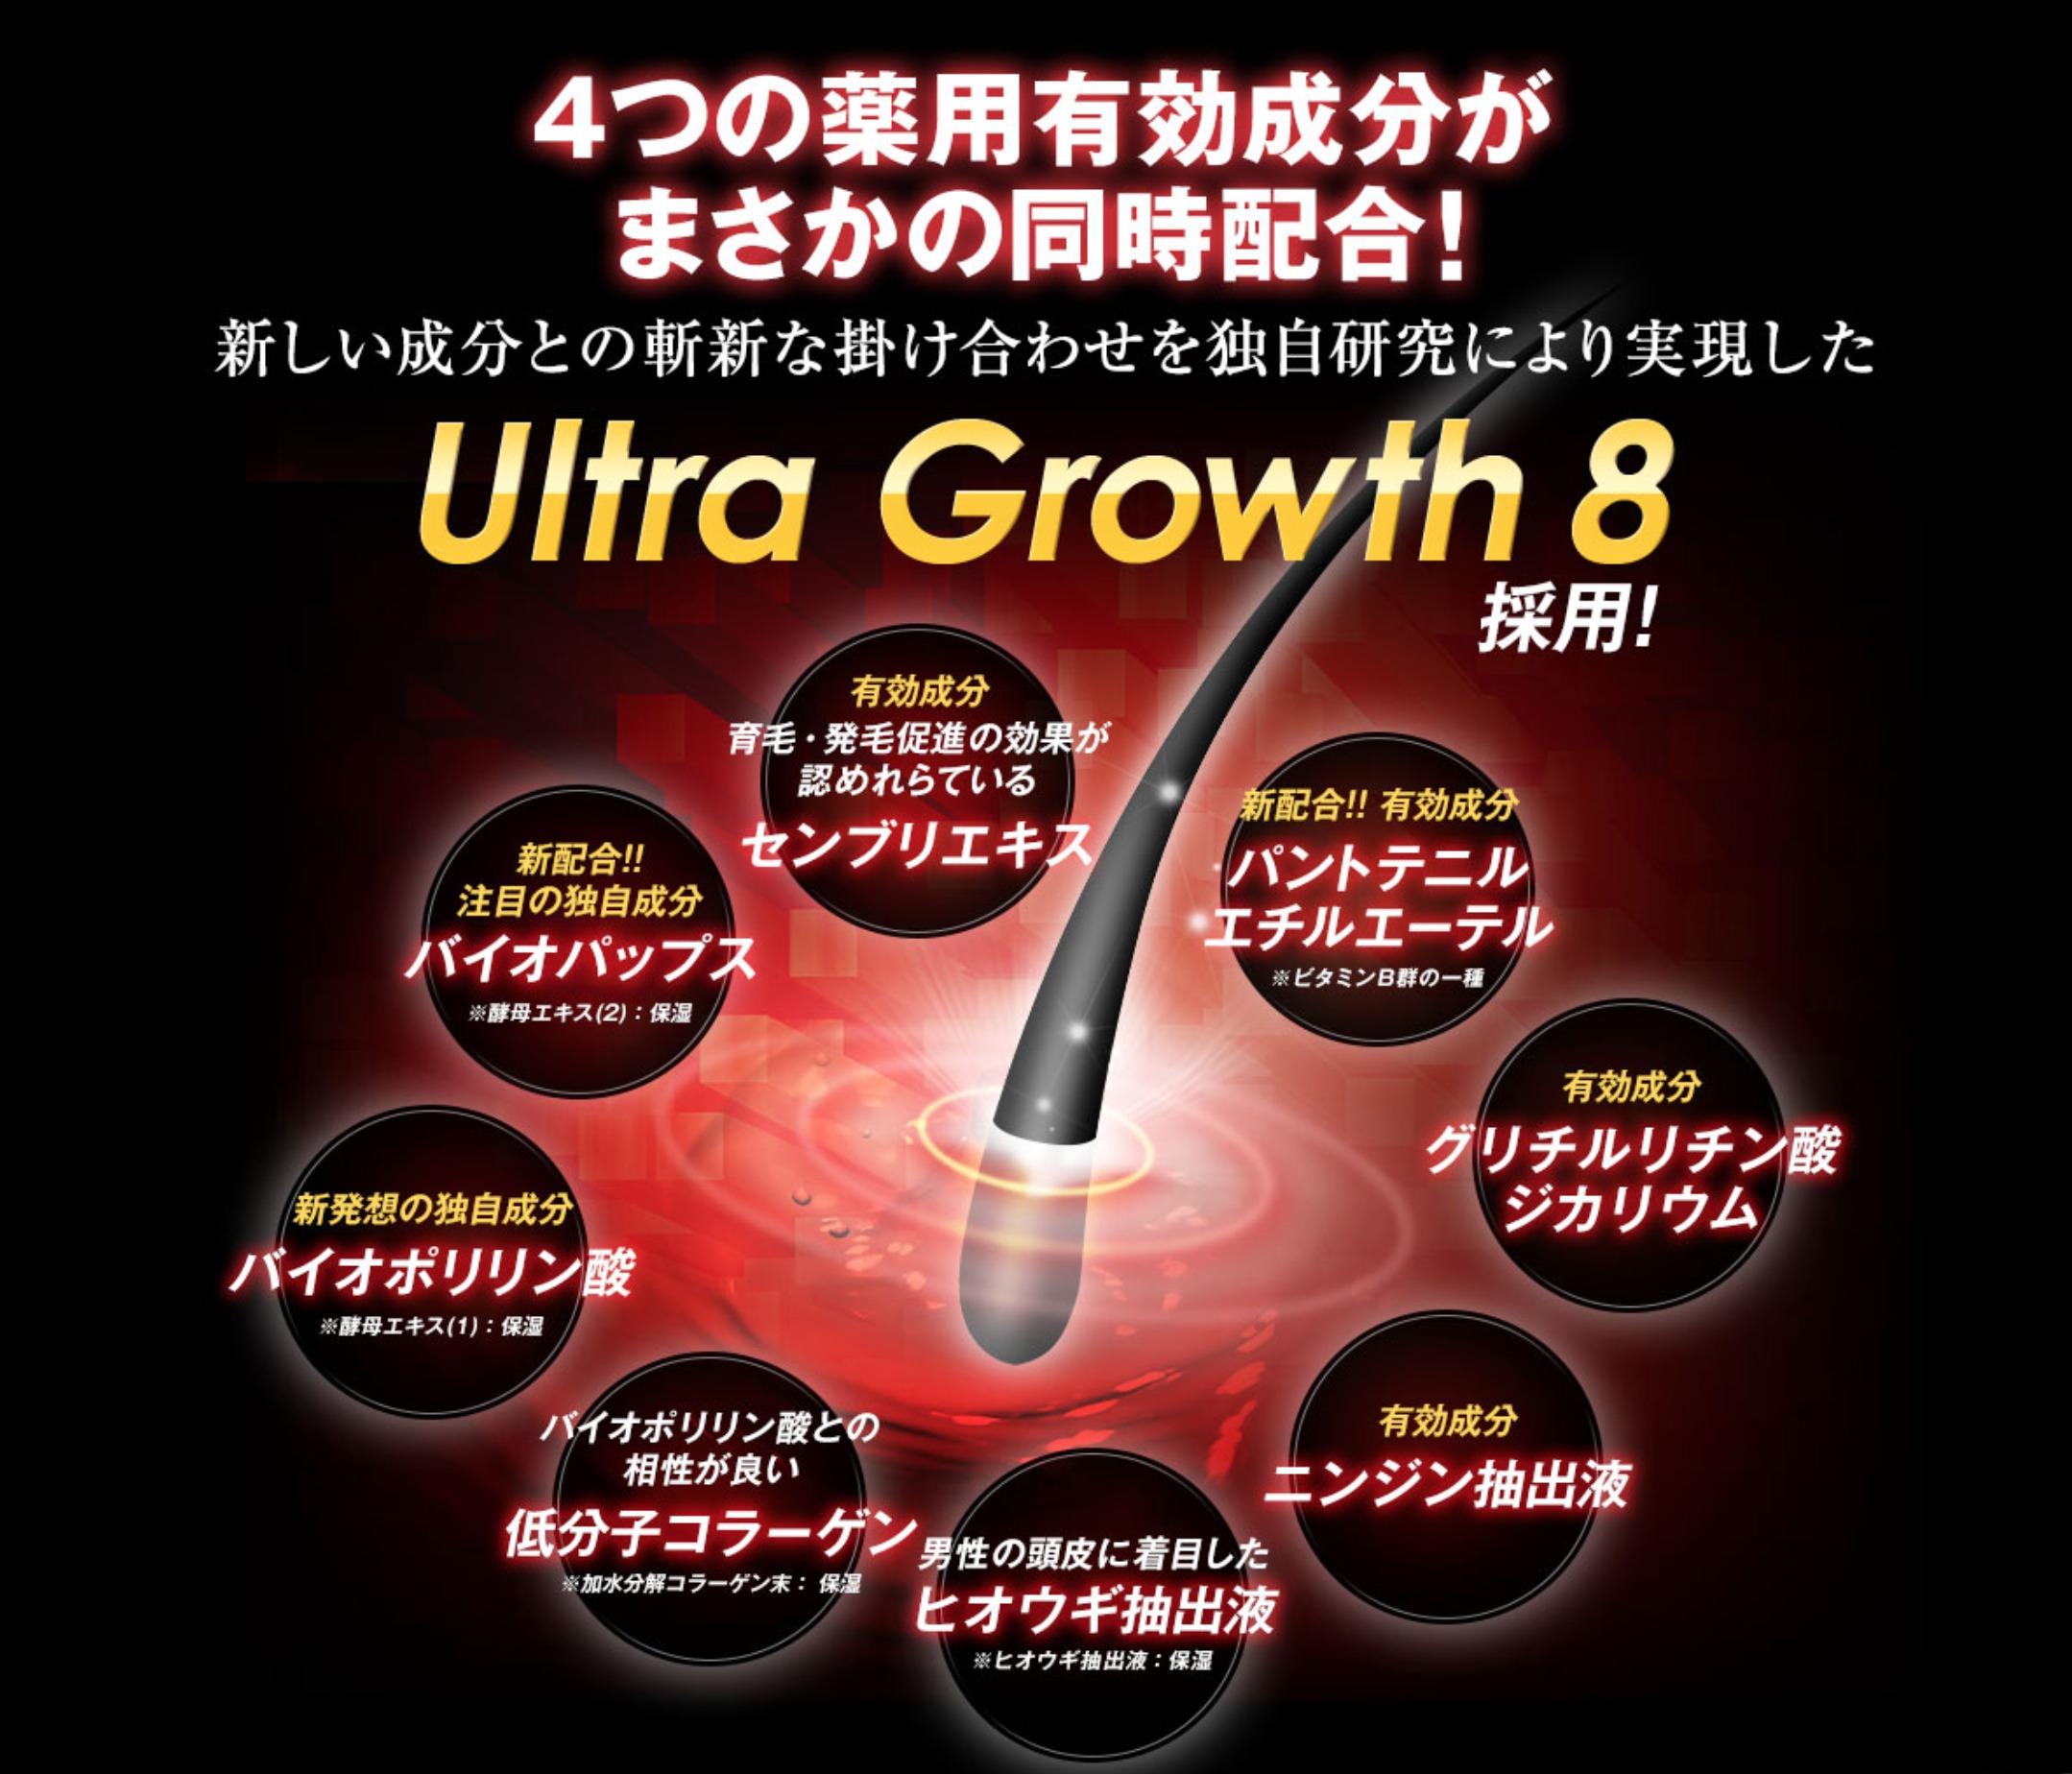 ポリピュアのultra growth 8